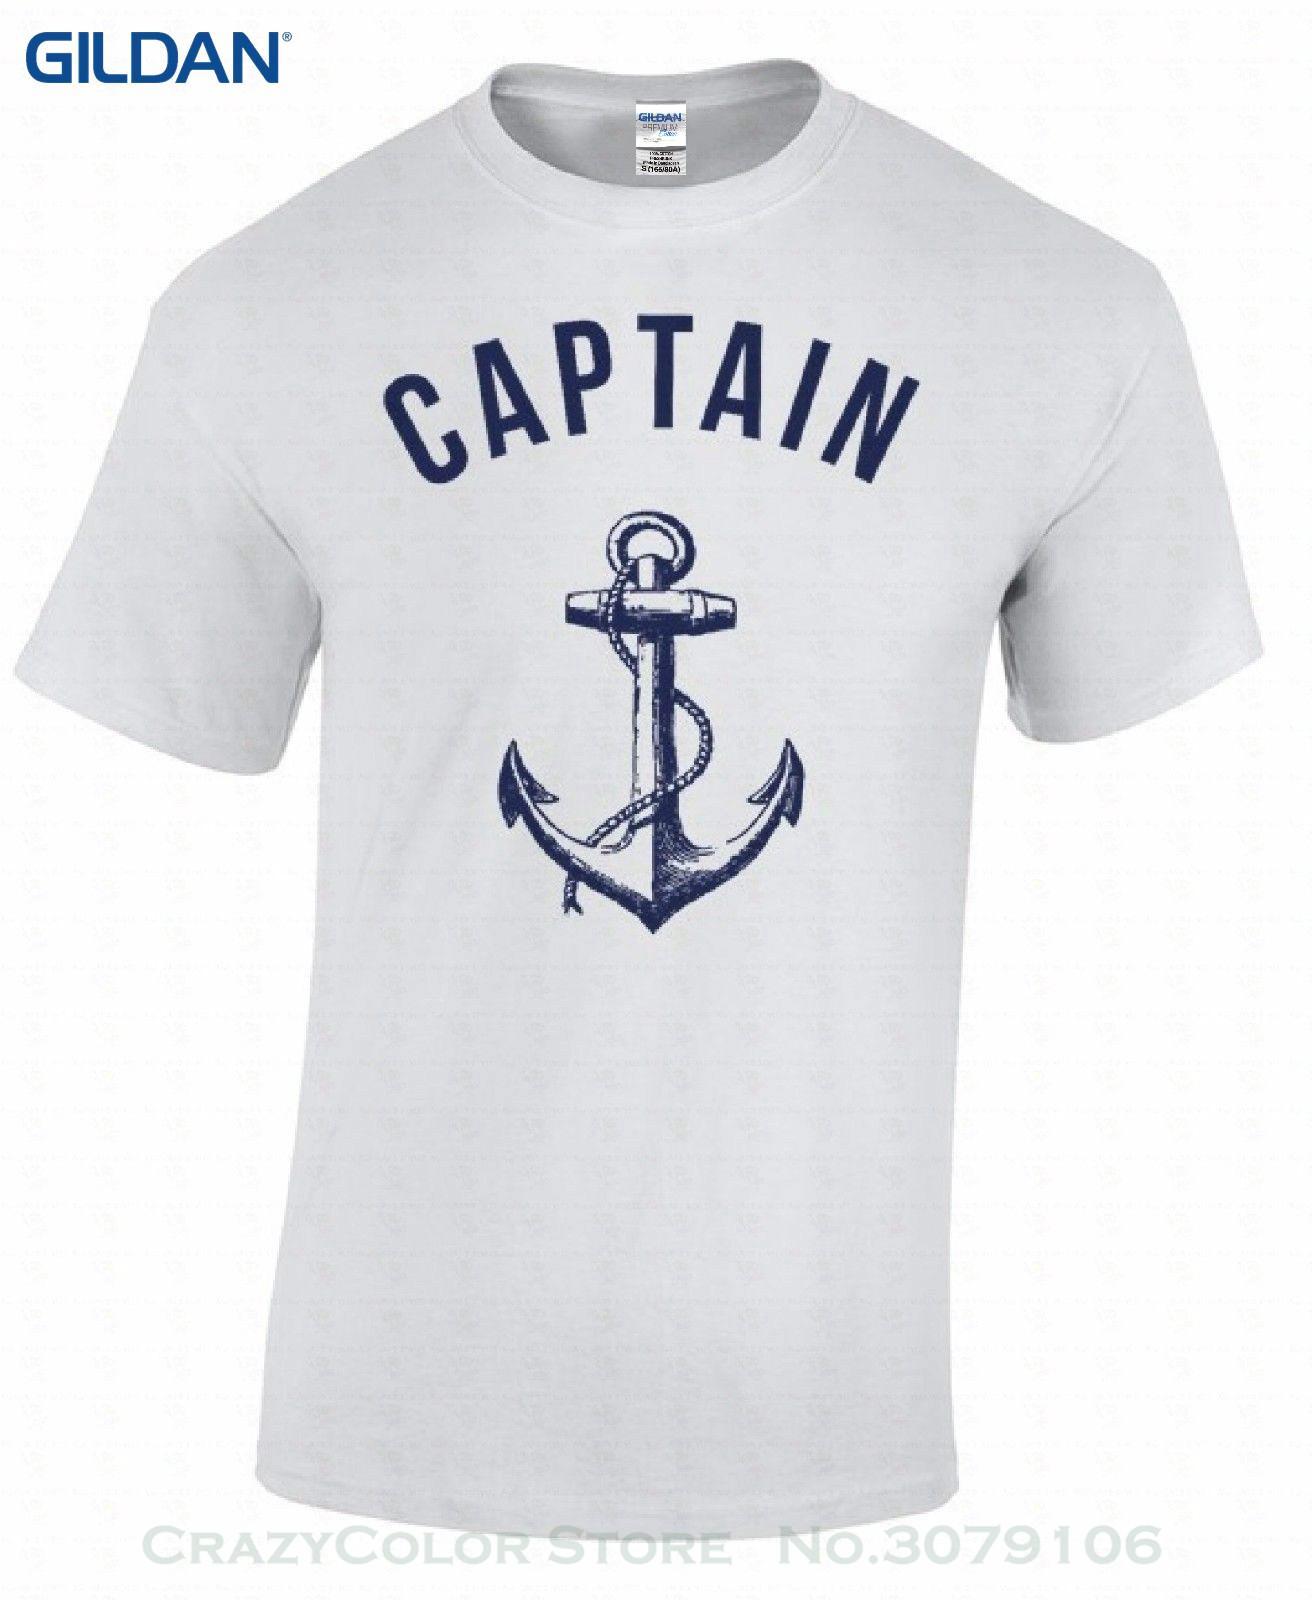 bbb2a212712 T shirt funny men captain anchor navy nautical sea ocean sailor ship jpg  1312x1600 Funny captain